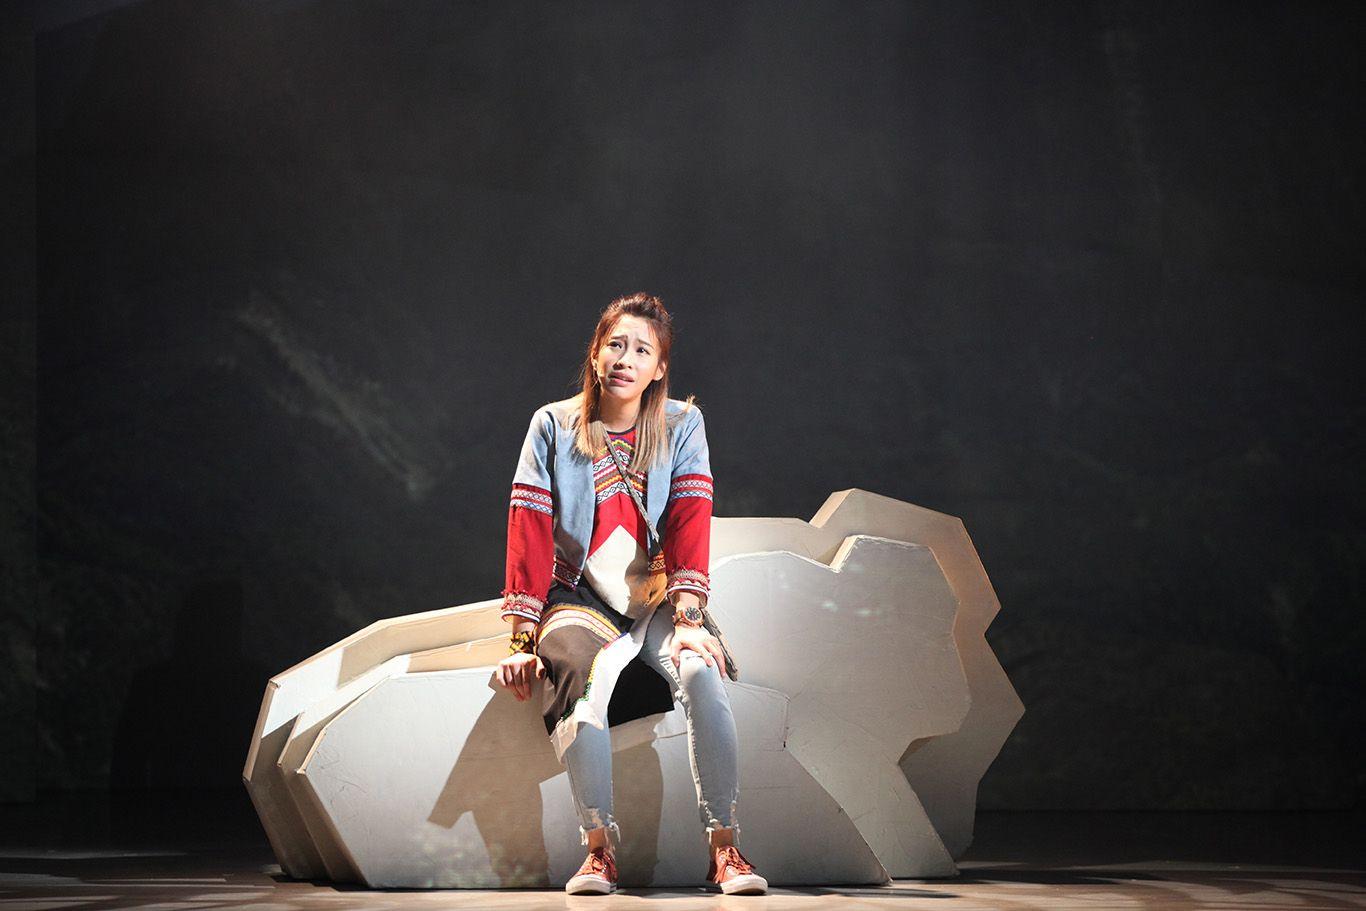 袁詠琳首次擔綱音樂劇女主角,因ABC的身份讓她在背台詞時發生許多糗事。